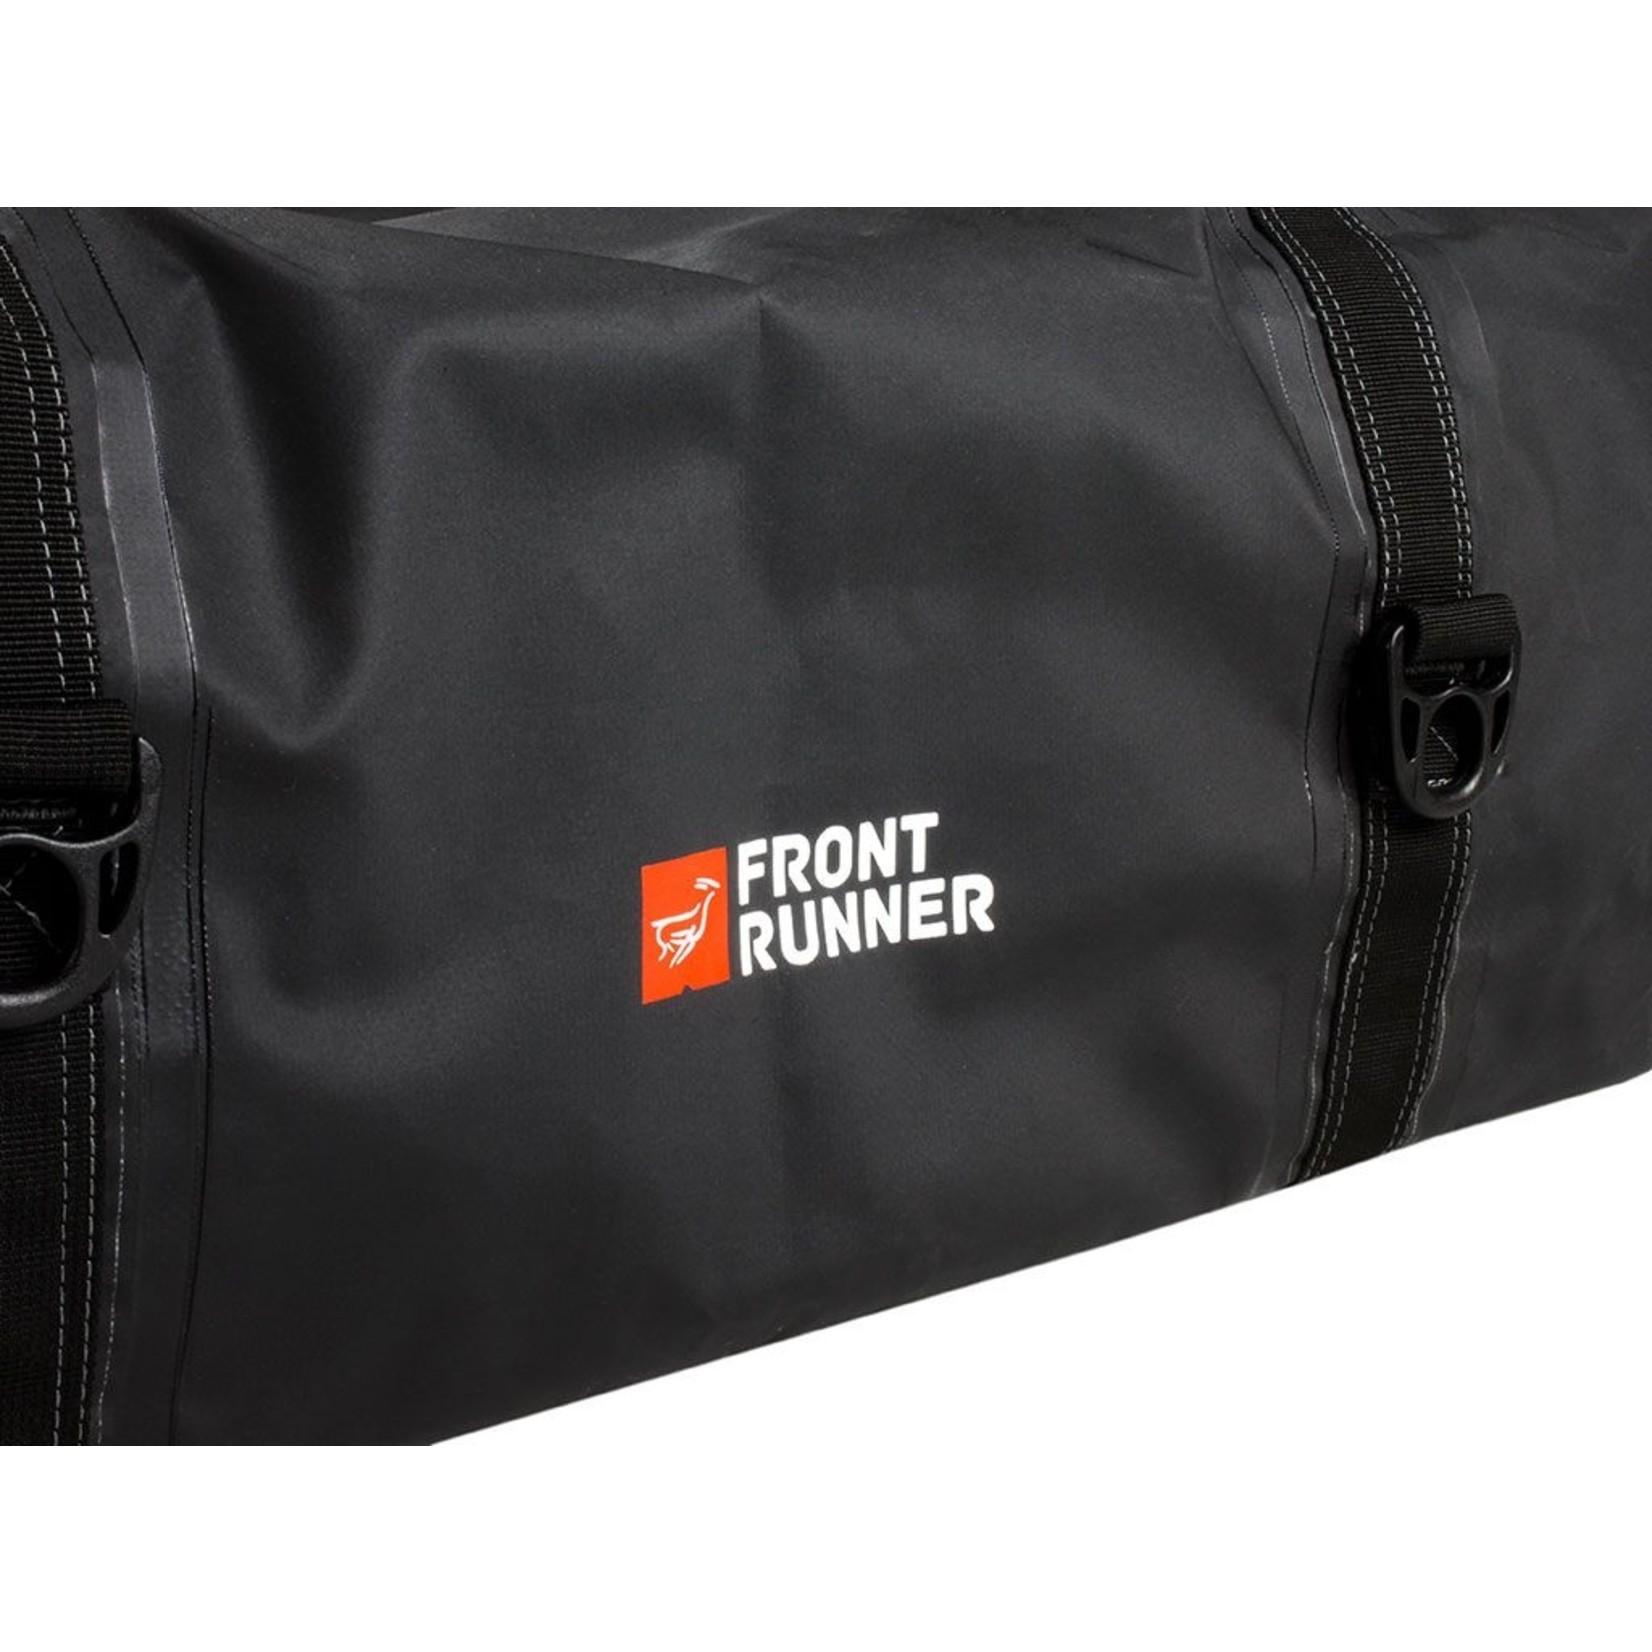 Front Runner Front Runner Typhoon Bag